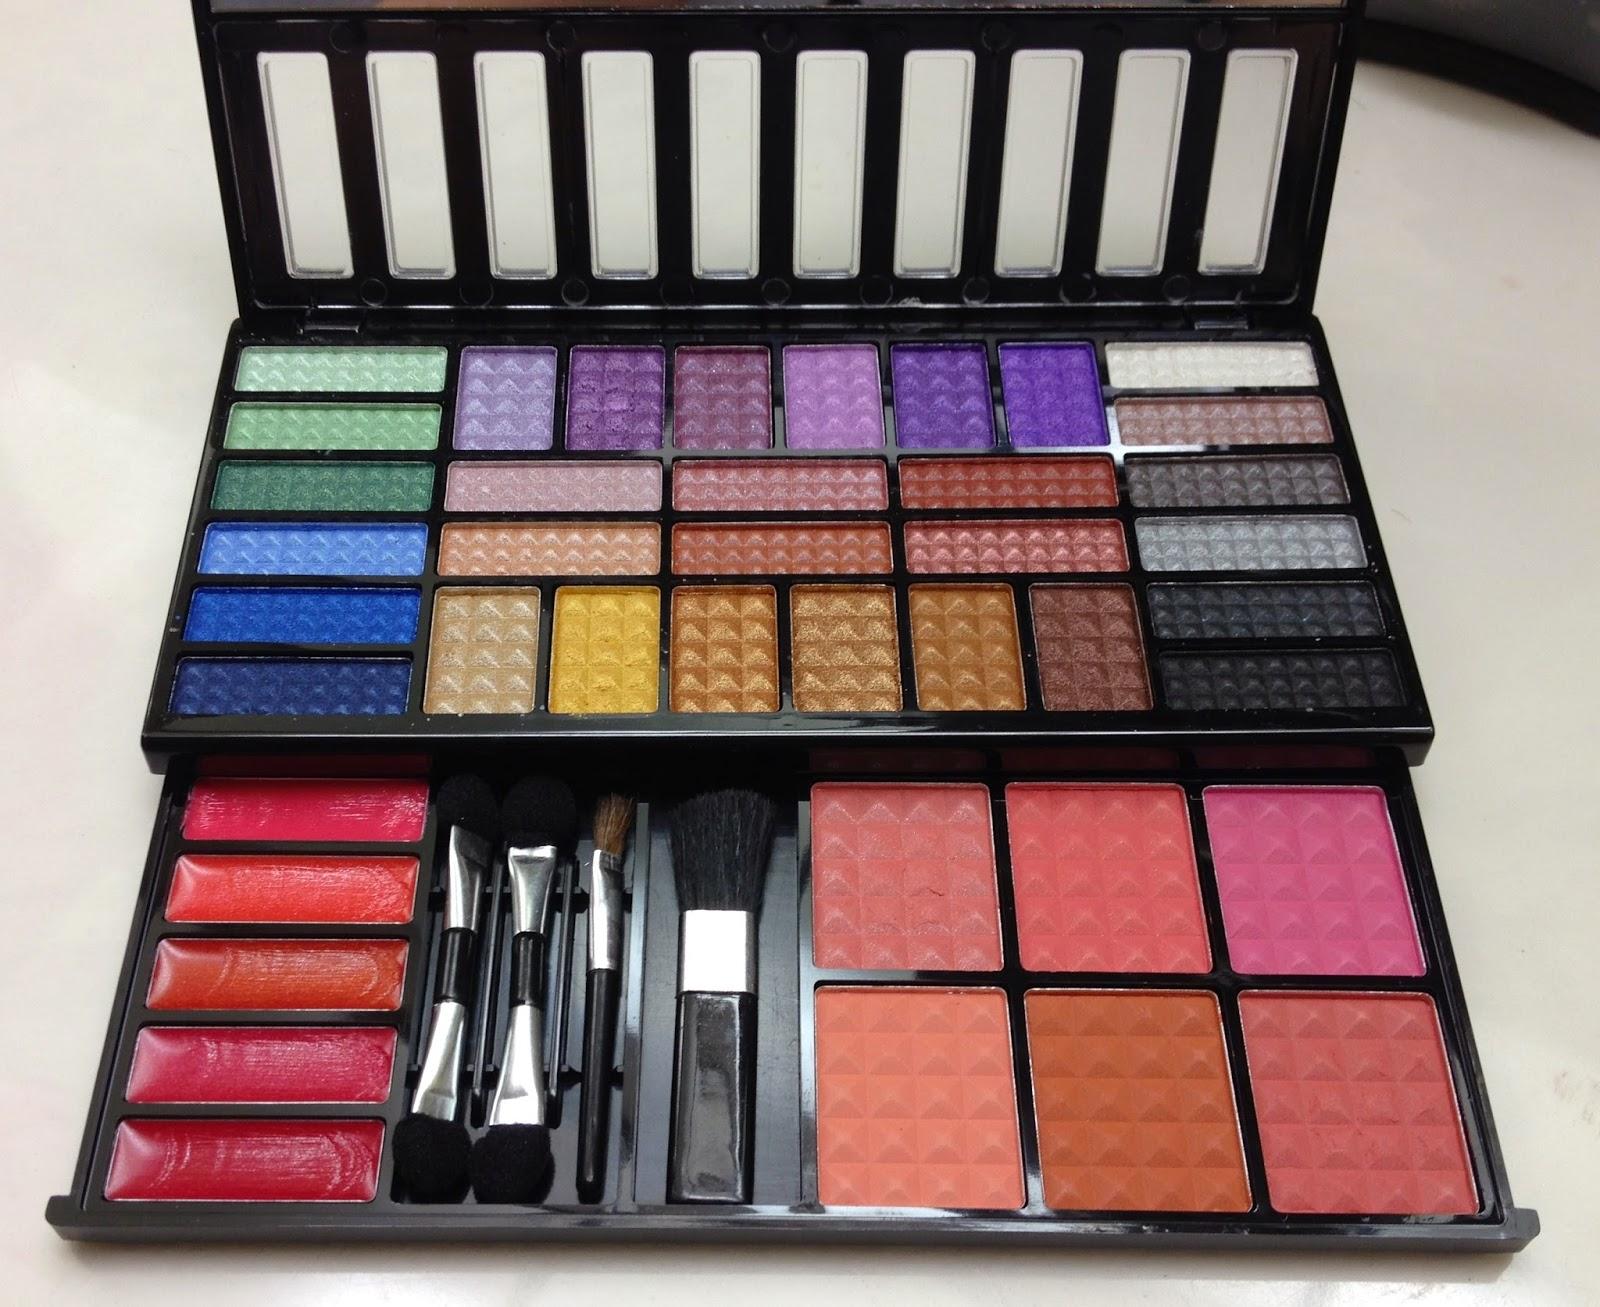 Beauty Gems Makeup Sets Product Reviews ... - influenster.com